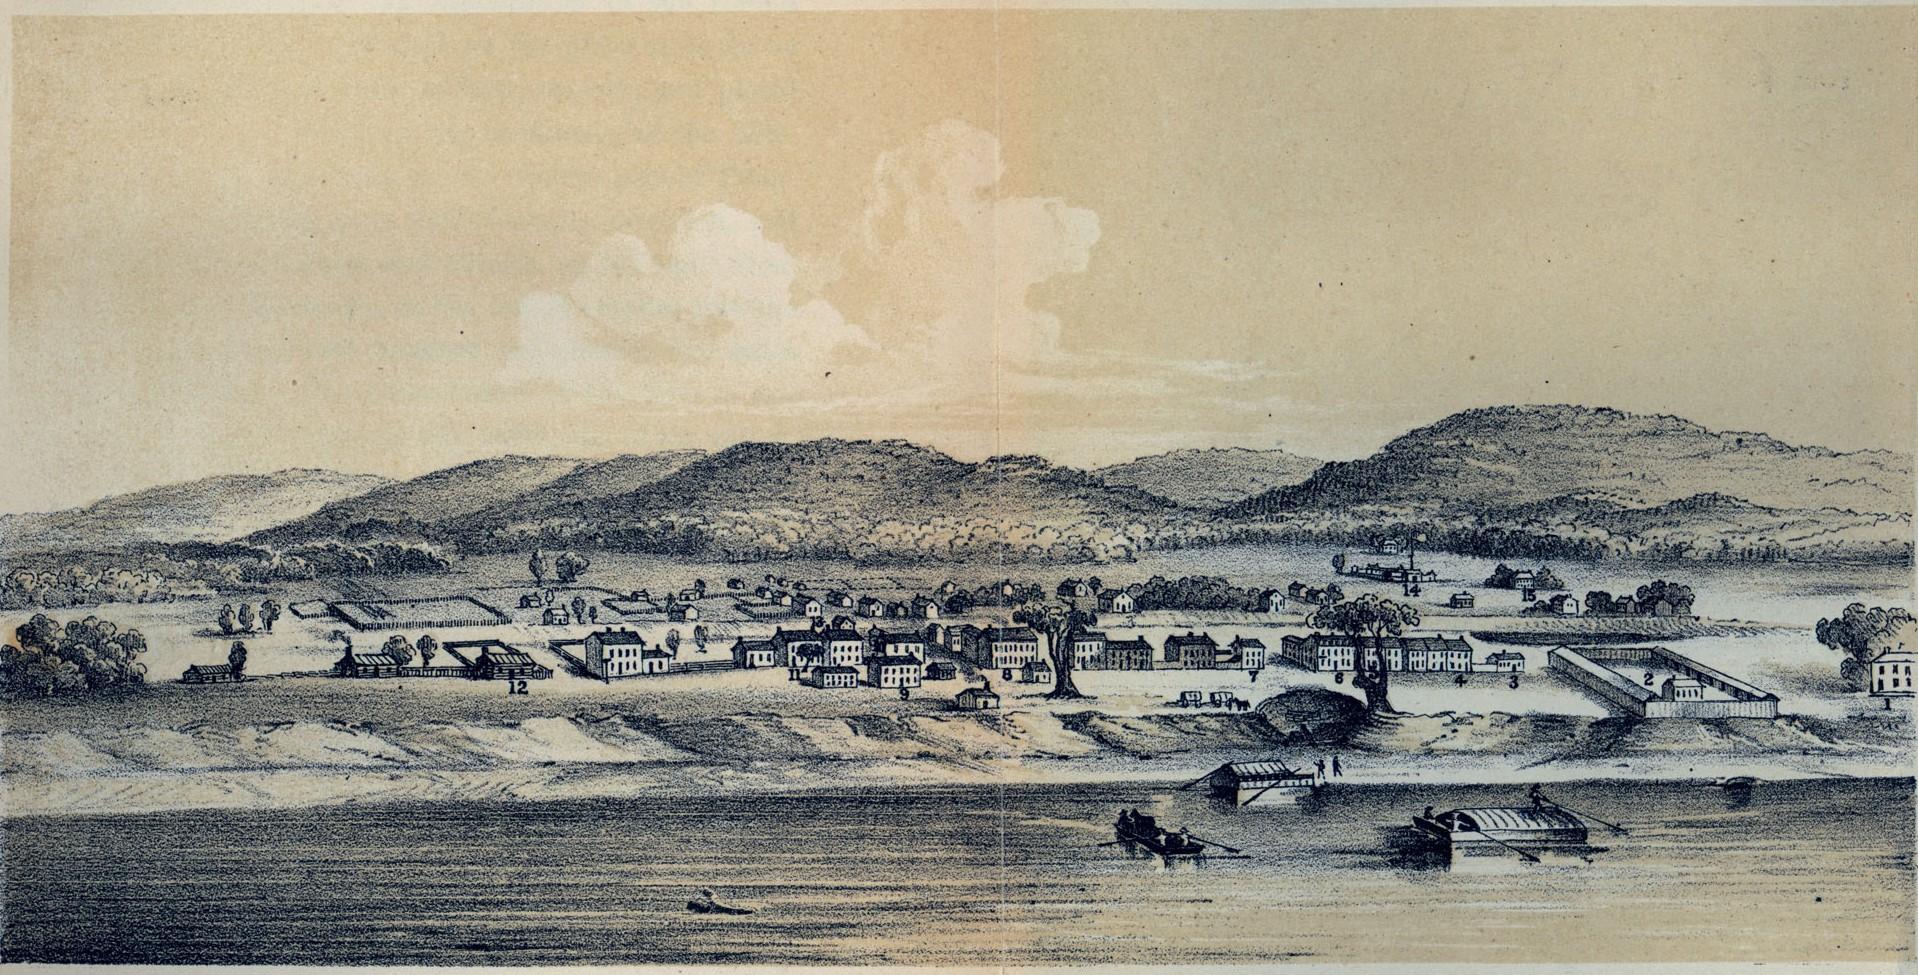 Cincinatti 1802an, herria beste izen batez (Losantiville) sortu eta 14 urtera. Mende erdi inguruan 150.000 biztanle izatera iritsiko zen. (Arg.: UC Libraries)